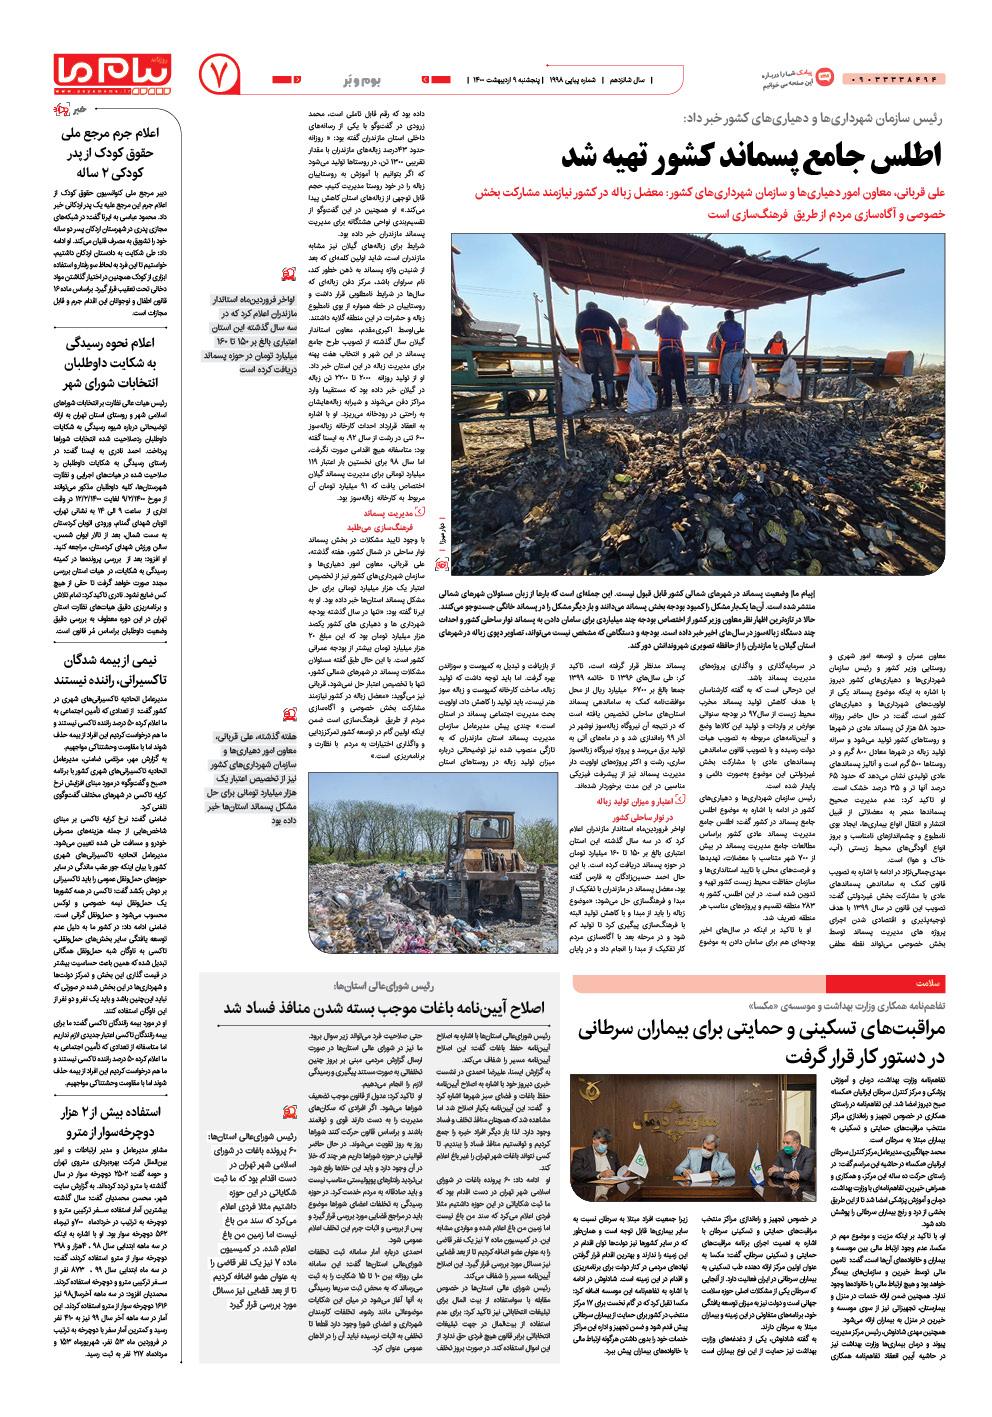 صفحه بوم و بَر شماره ۱۹۹۸ روزنامه پیام ما